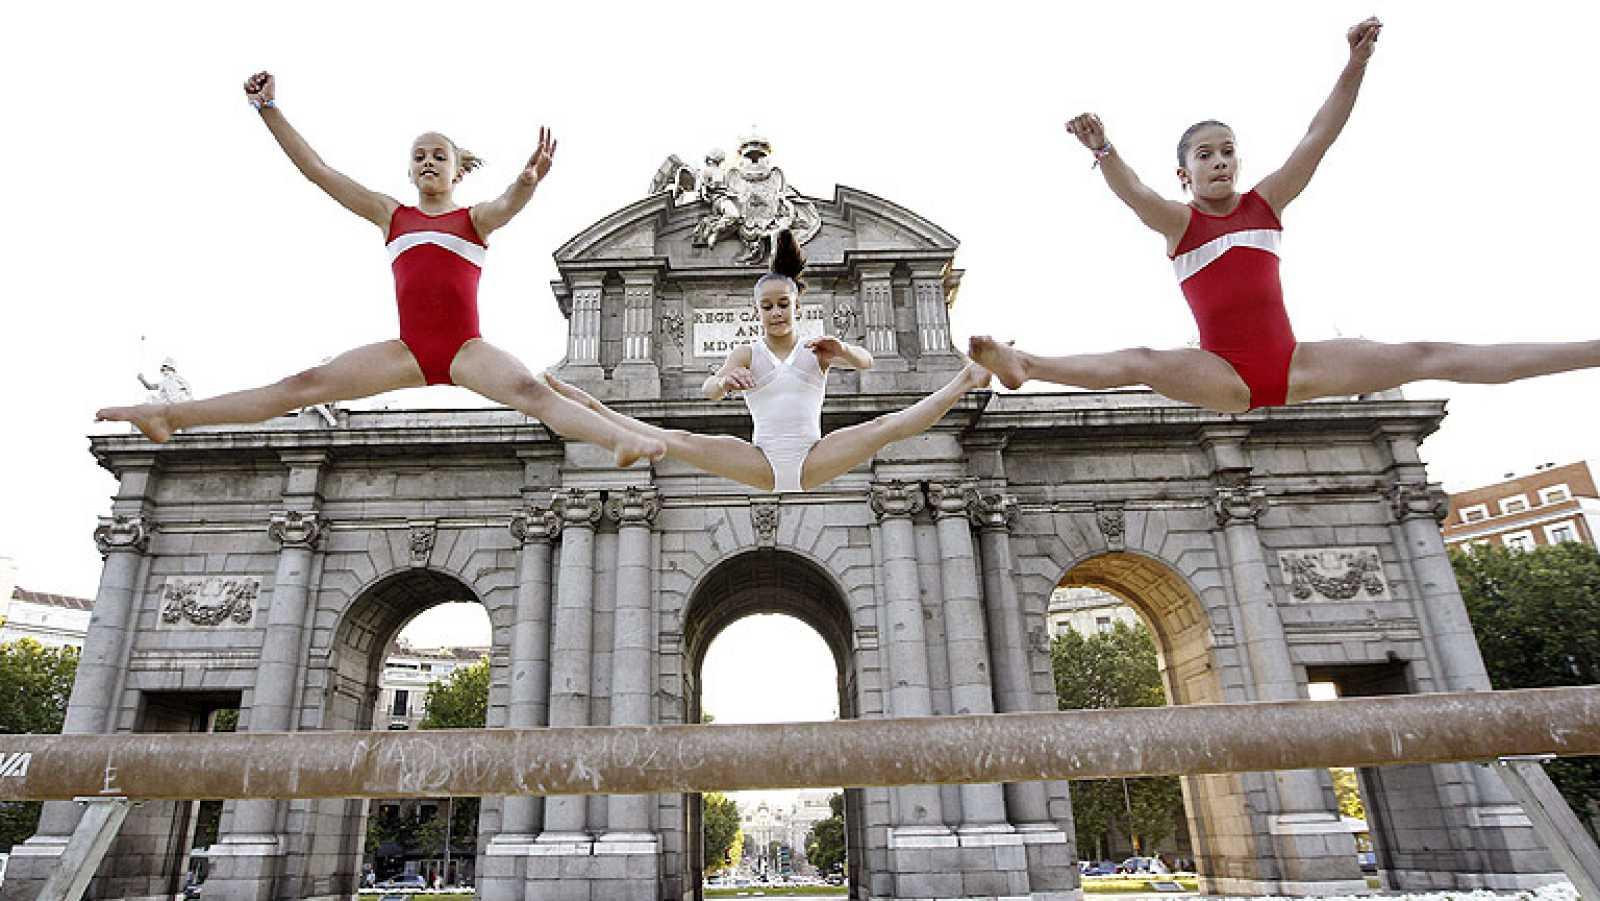 La Noche del Deporte invadió los puntos más emblemáticos de Madrid con pruebas olímpicas y una carrera popular en la que se expresó el deseo popular de que la capital sea la elegida para organizar los Juegos Olímpicos de 2020.